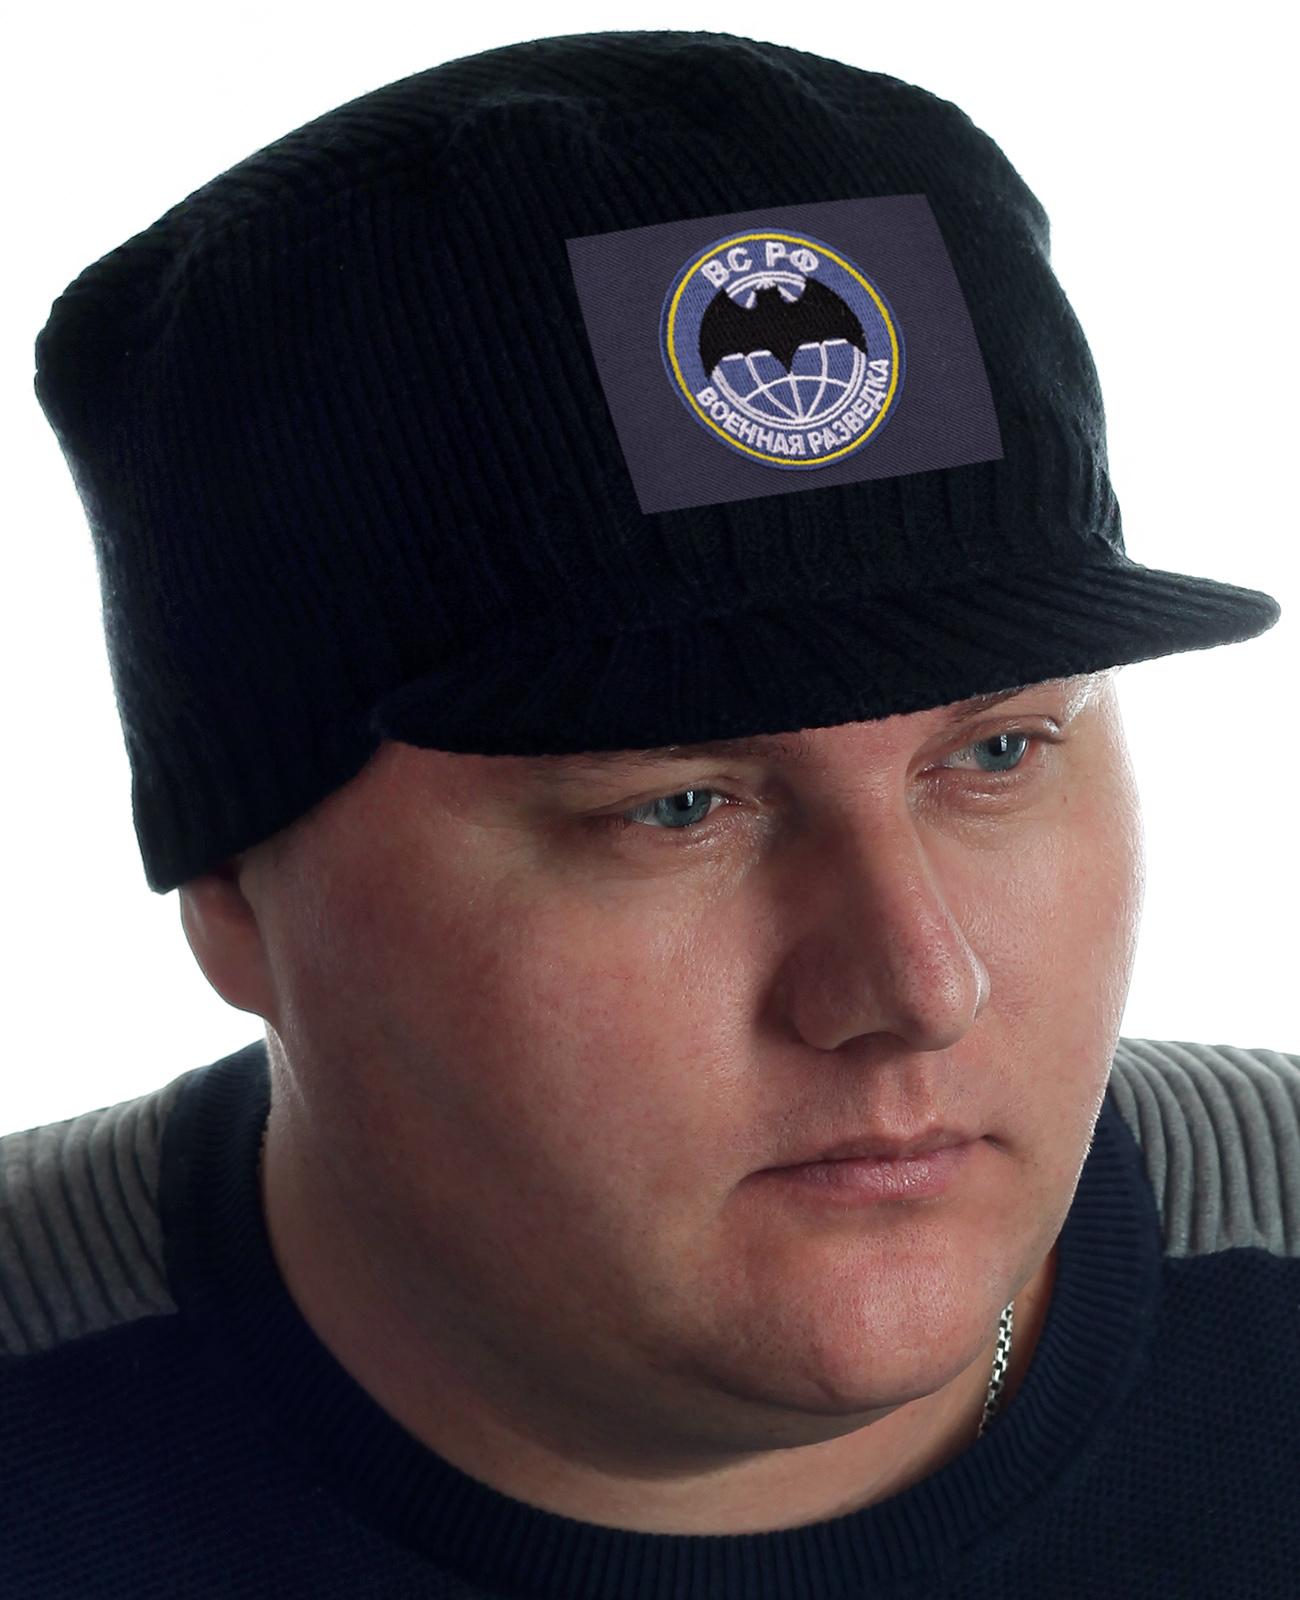 Недорогие теплые кепки для мужчин с нашивкой Военная разведка